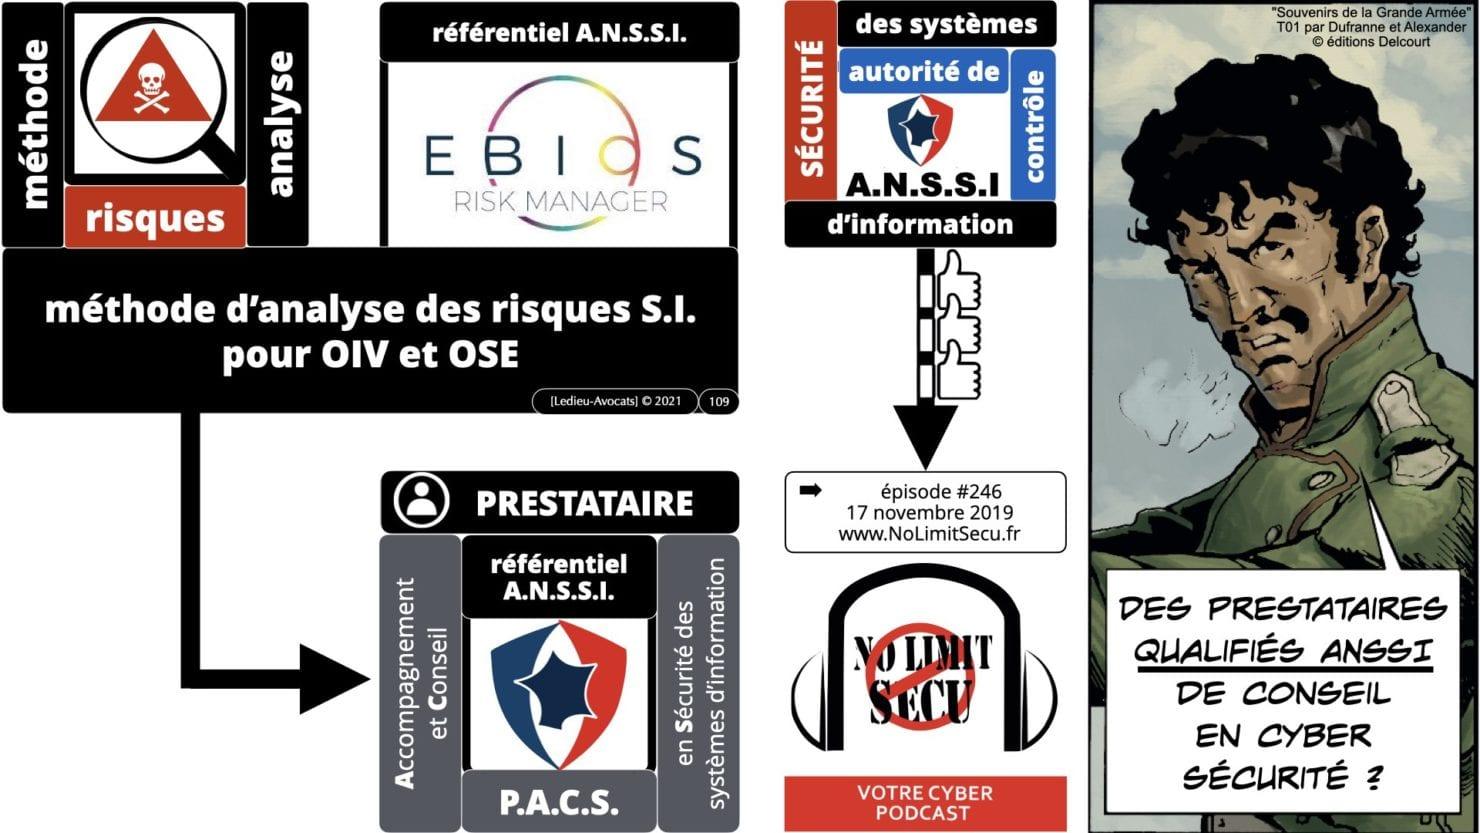 342 cyber sécurité #2 OIV OSE analyse risque EBIOS RM © Ledieu-avocat 15-07-2021.109